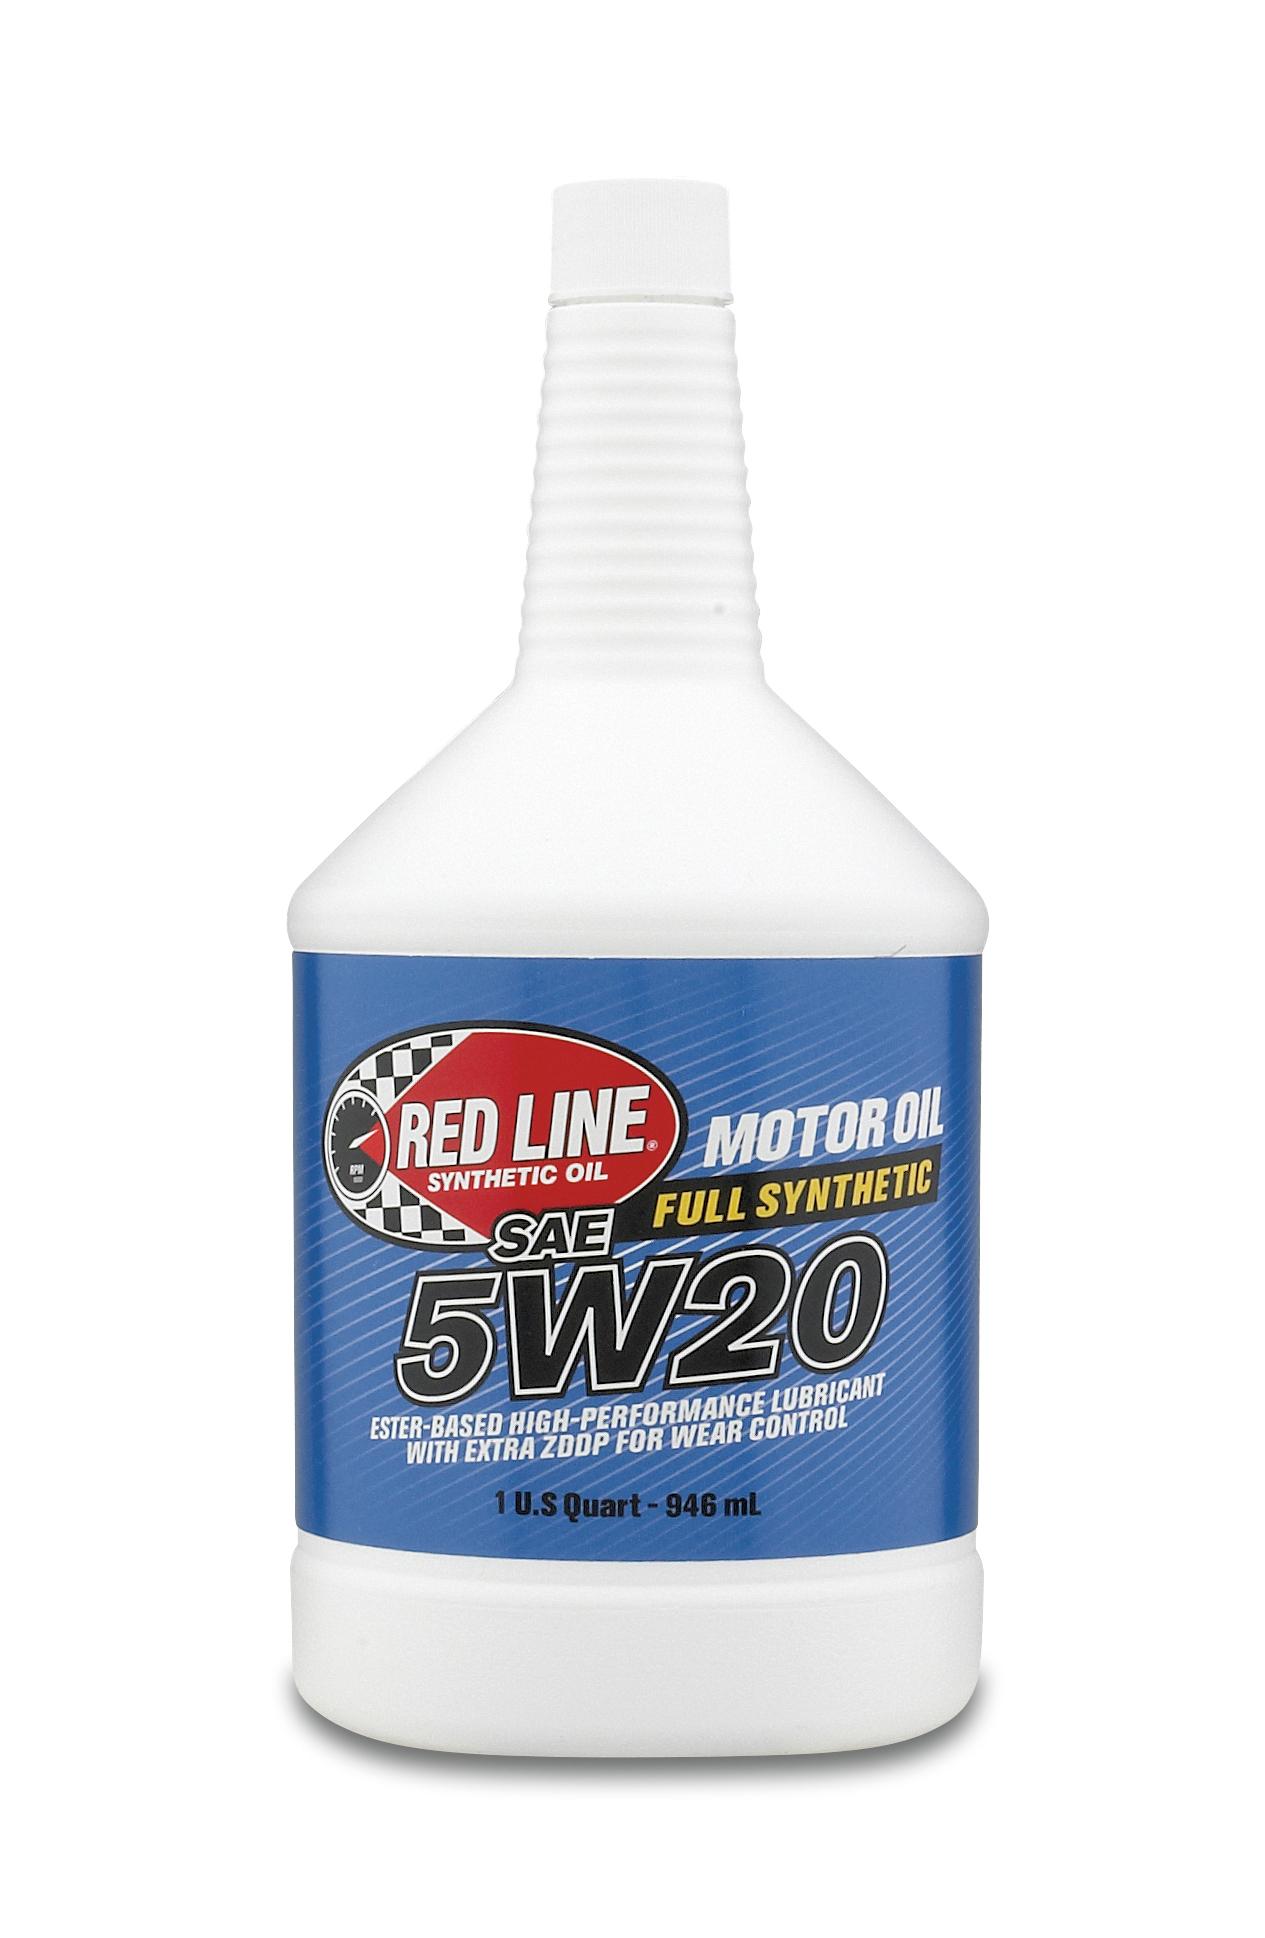 レッドラインオイル REDLINEオイル エンジンオイル 5w20 1USQUART